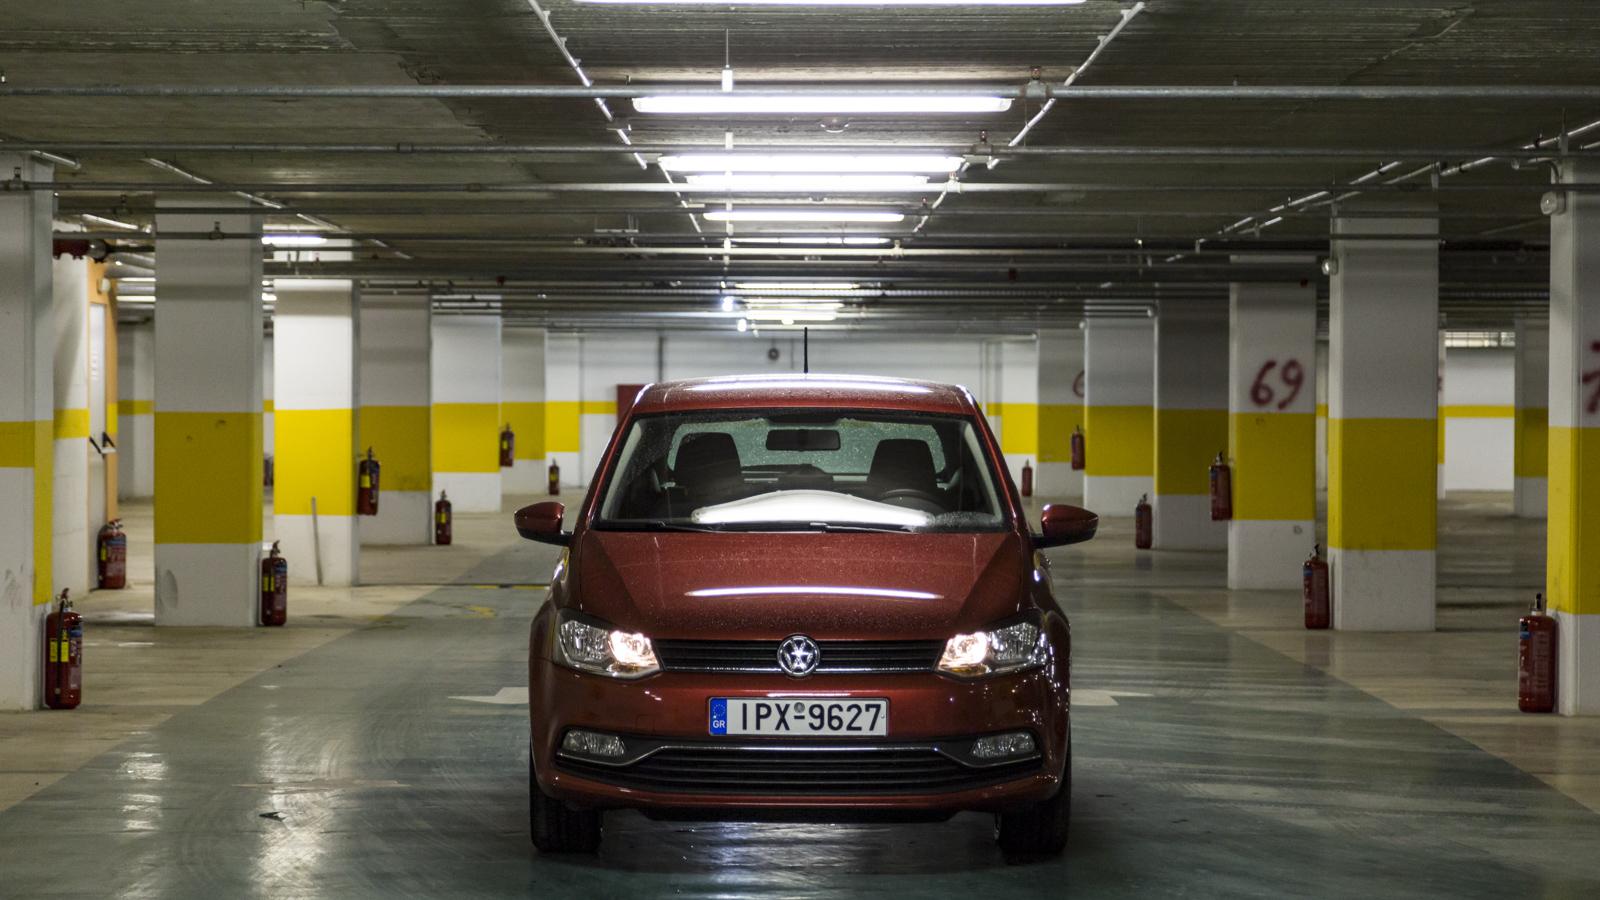 Test_Drive_VW_Polo_1.4_TDI_105_10